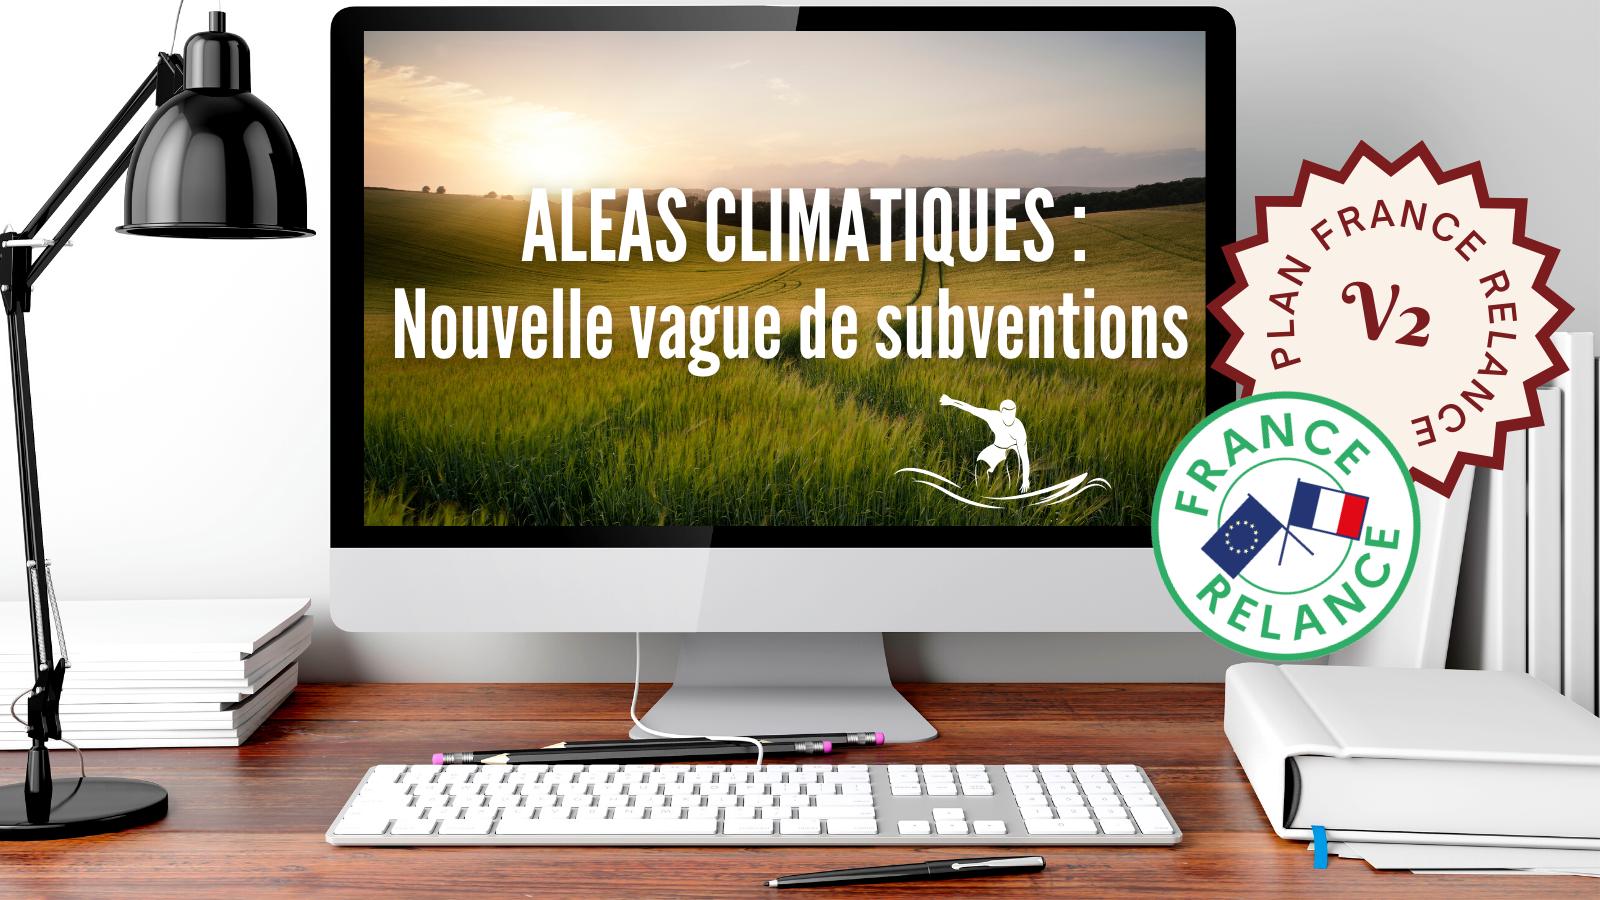 Aléas climatiques : une nouvelle vague de subventions pour le Plan France Relance